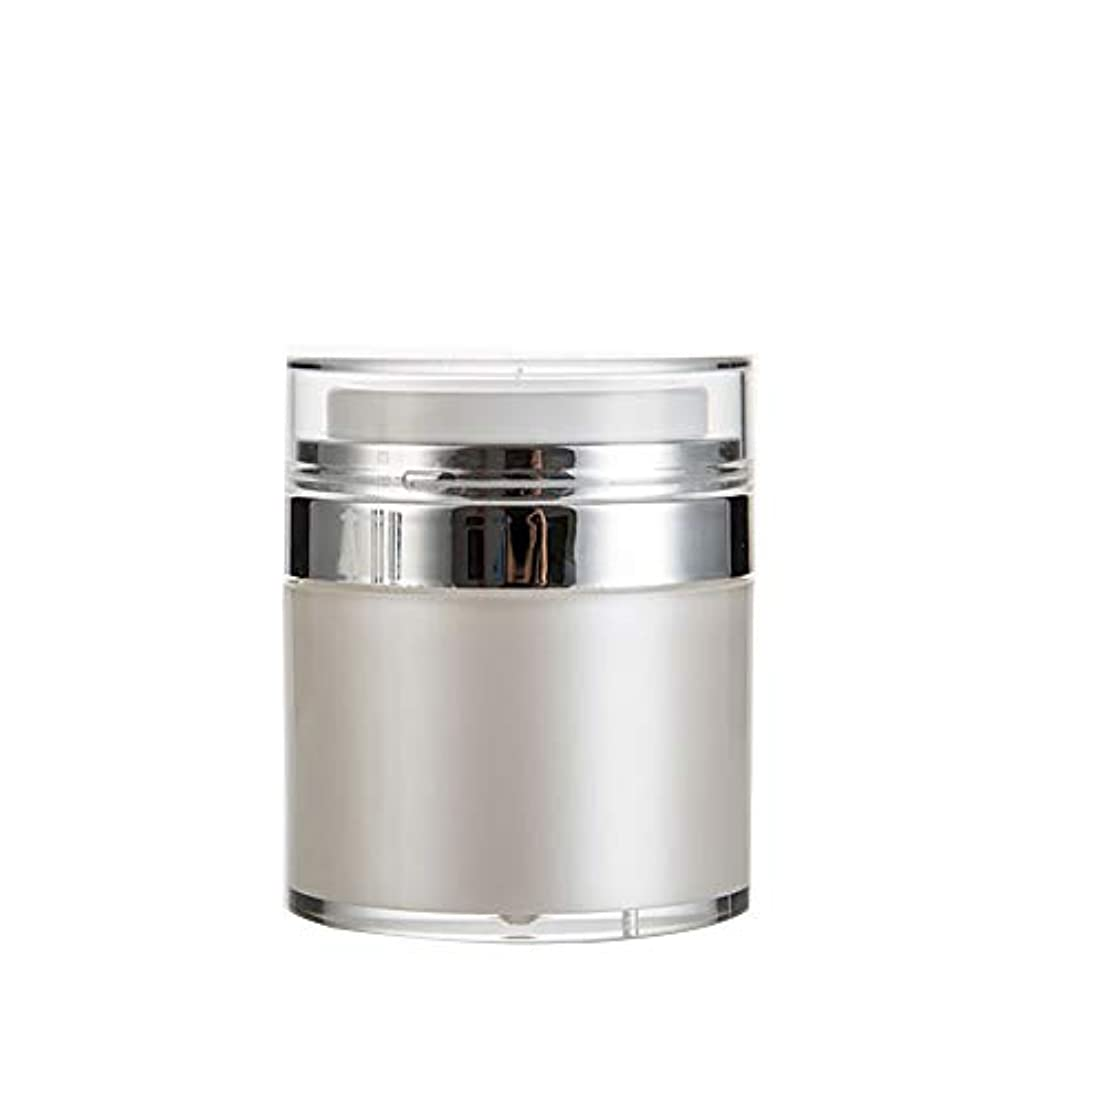 通貨特殊フィルタOBEST 詰め替えボトル 真空ボトル ポンプタイプ エアレス 小分け容器 プッシュボトル 携帯用 花粉対応 旅行用(50G)